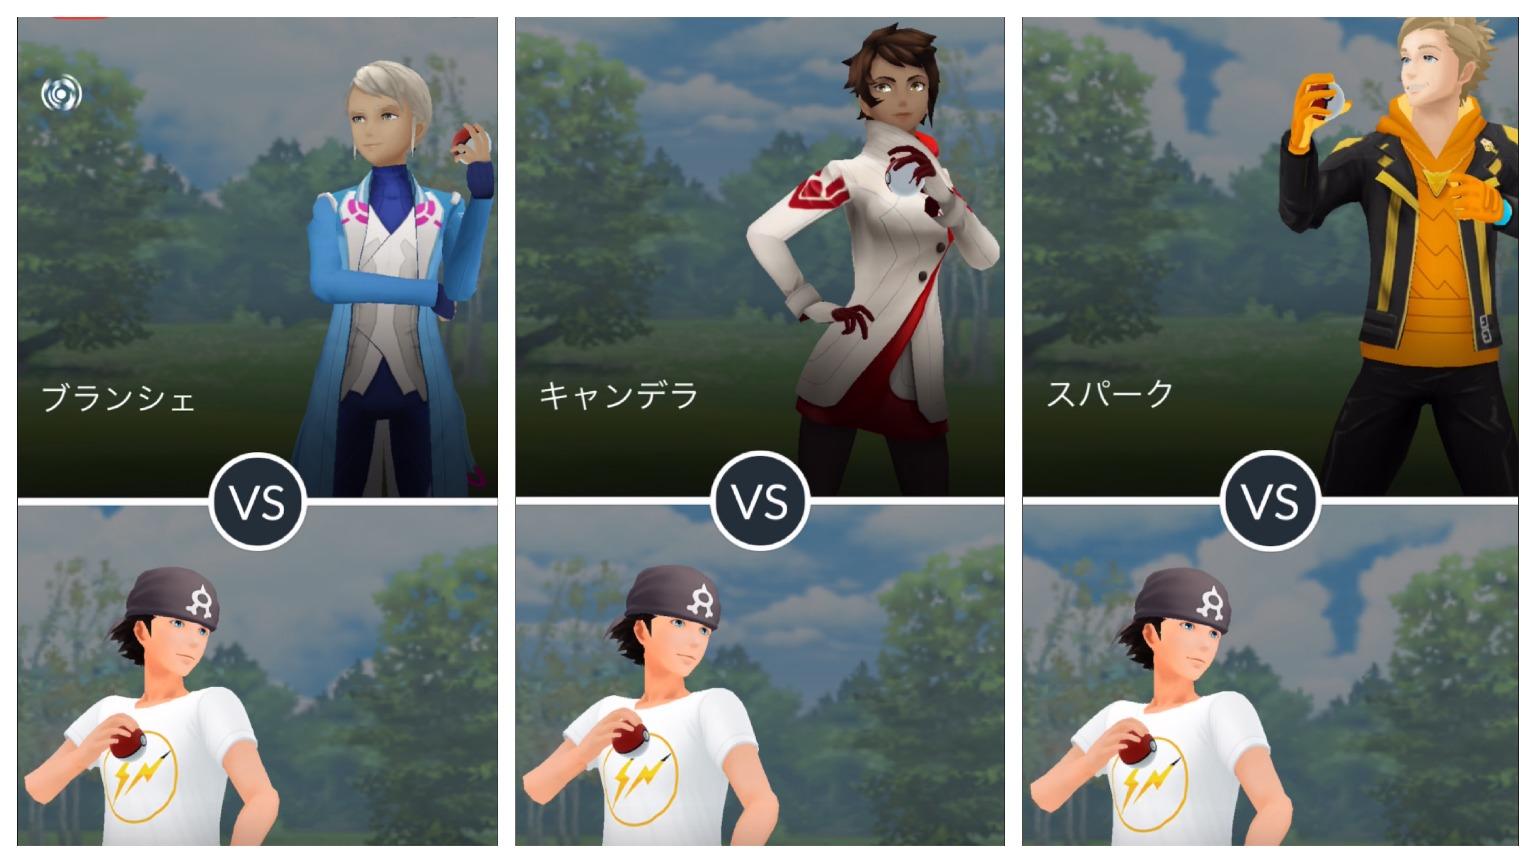 チーム リーダー 対戦 と は 【ポケモンGO】チームリーダー対戦を3回するタスクの達成方法とバトル...